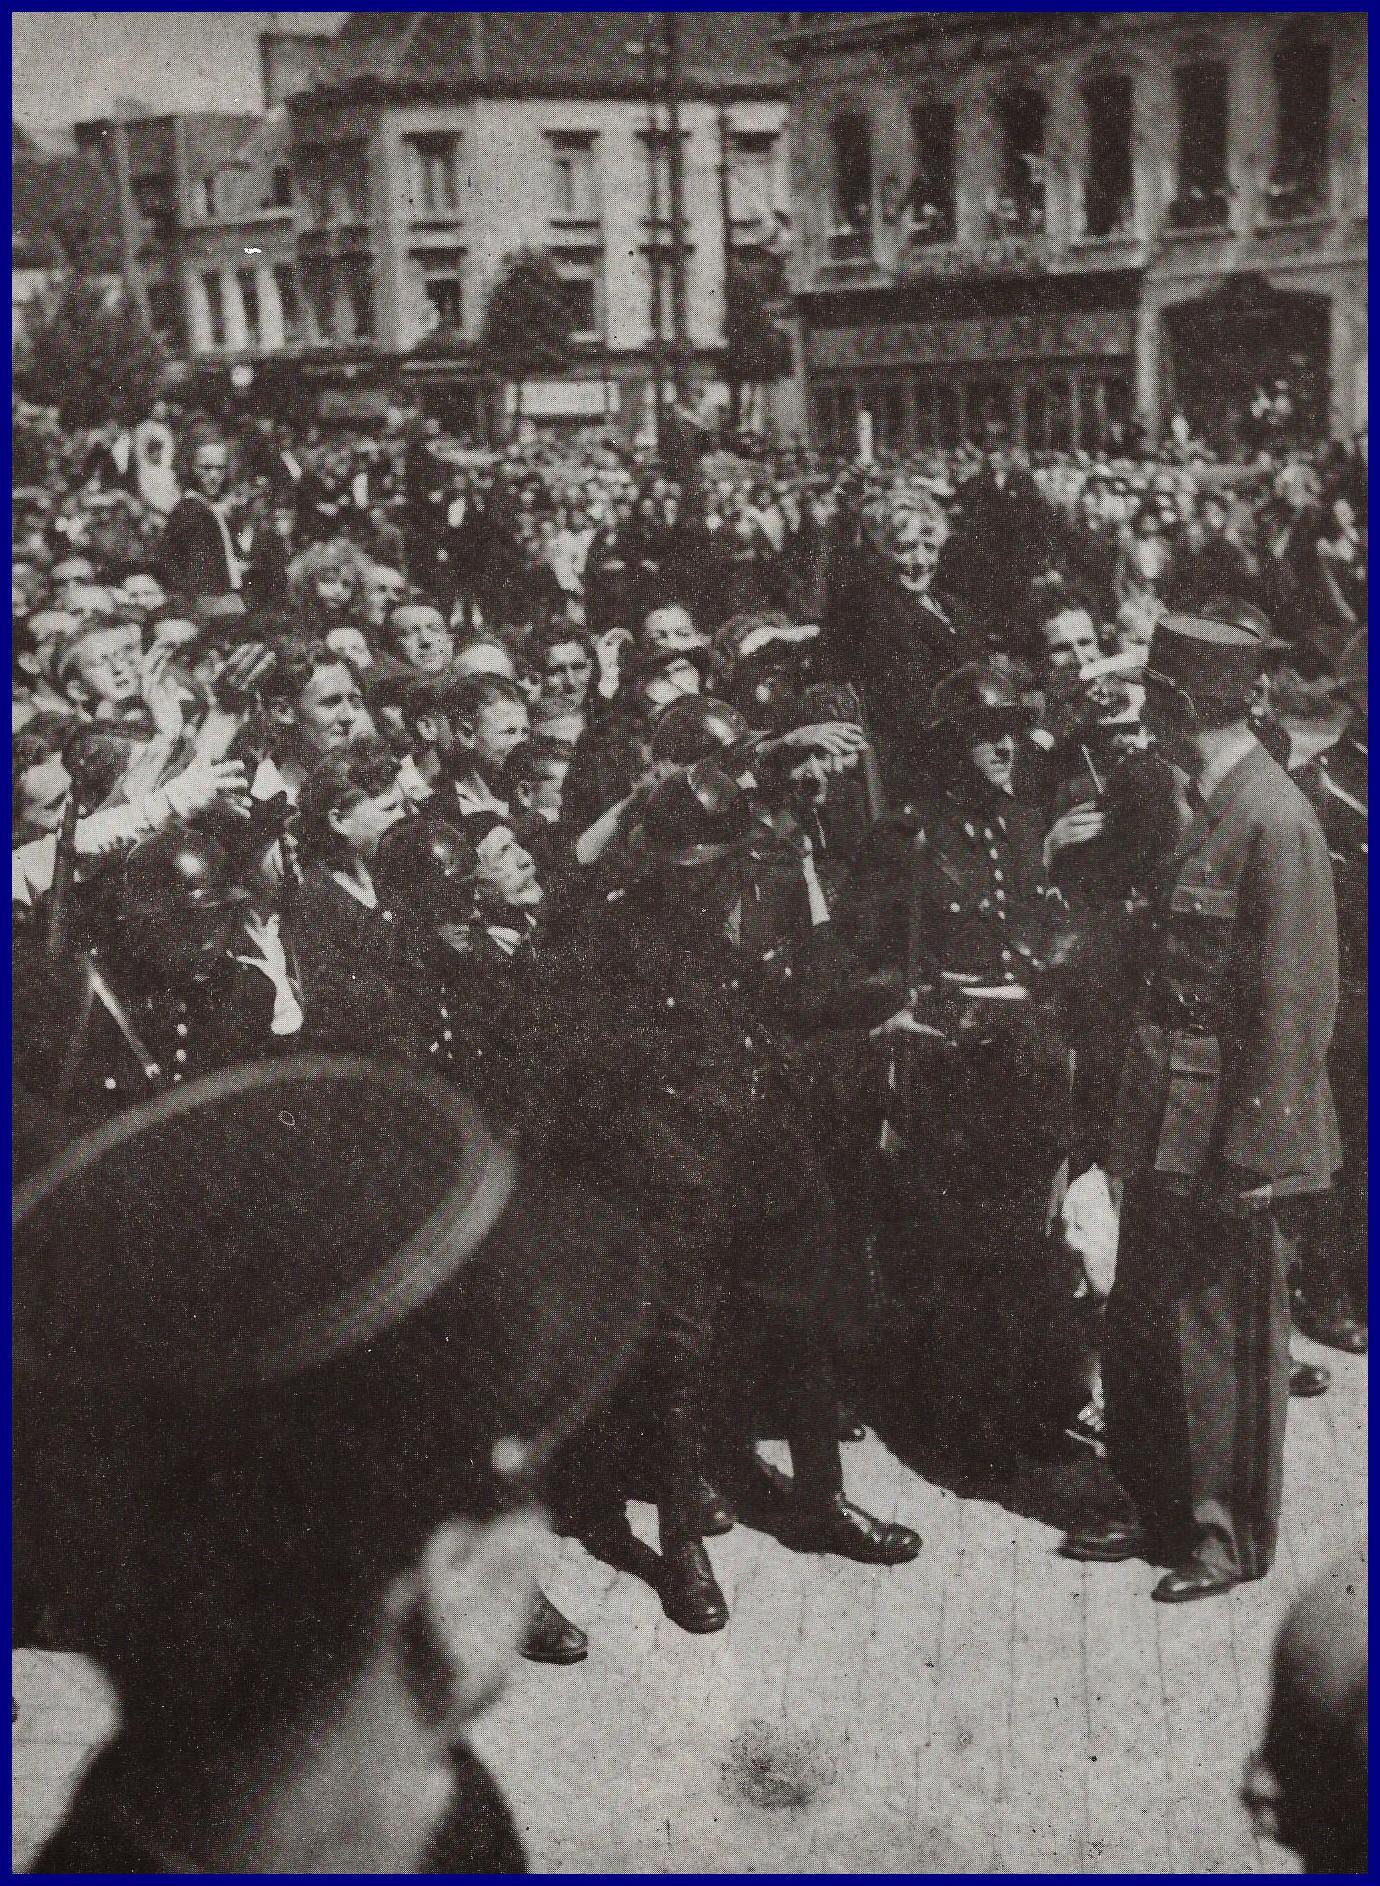 Calais visite du general de gaulle a calais en aout 1945 on reconnait mme sala en hauteur deboout sur une chaise encadre